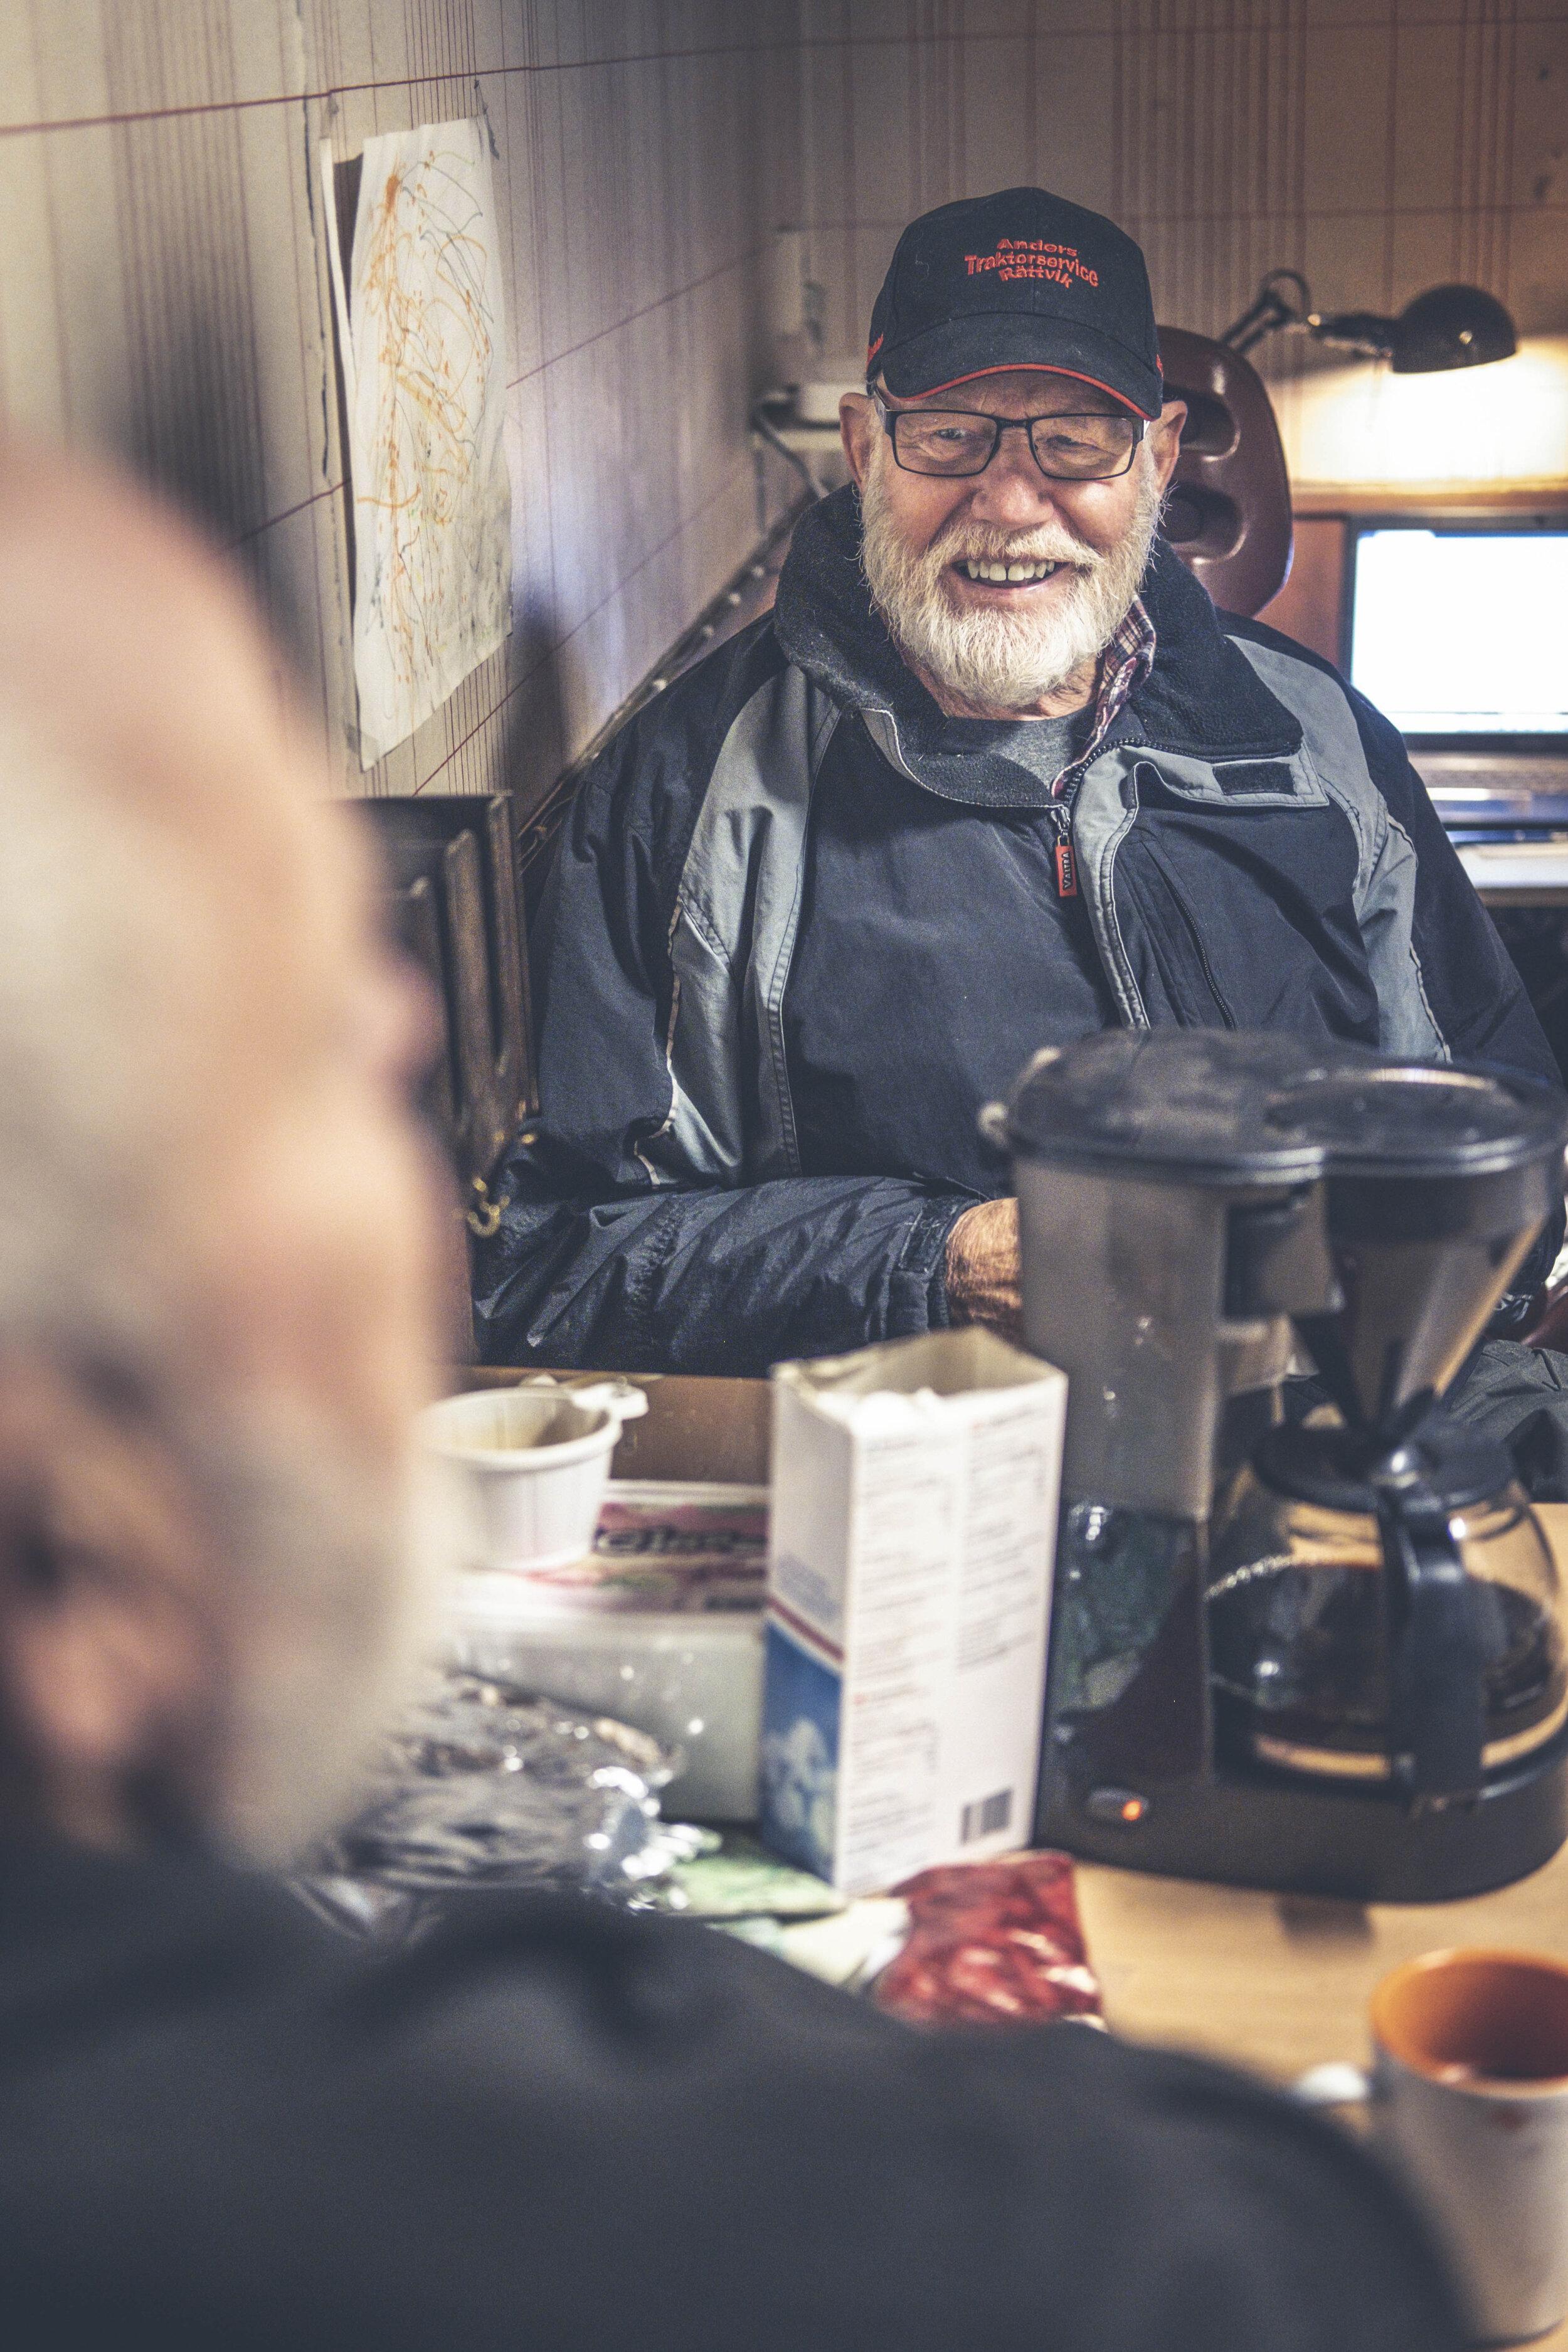 FOTO: Mattias Färnstrand